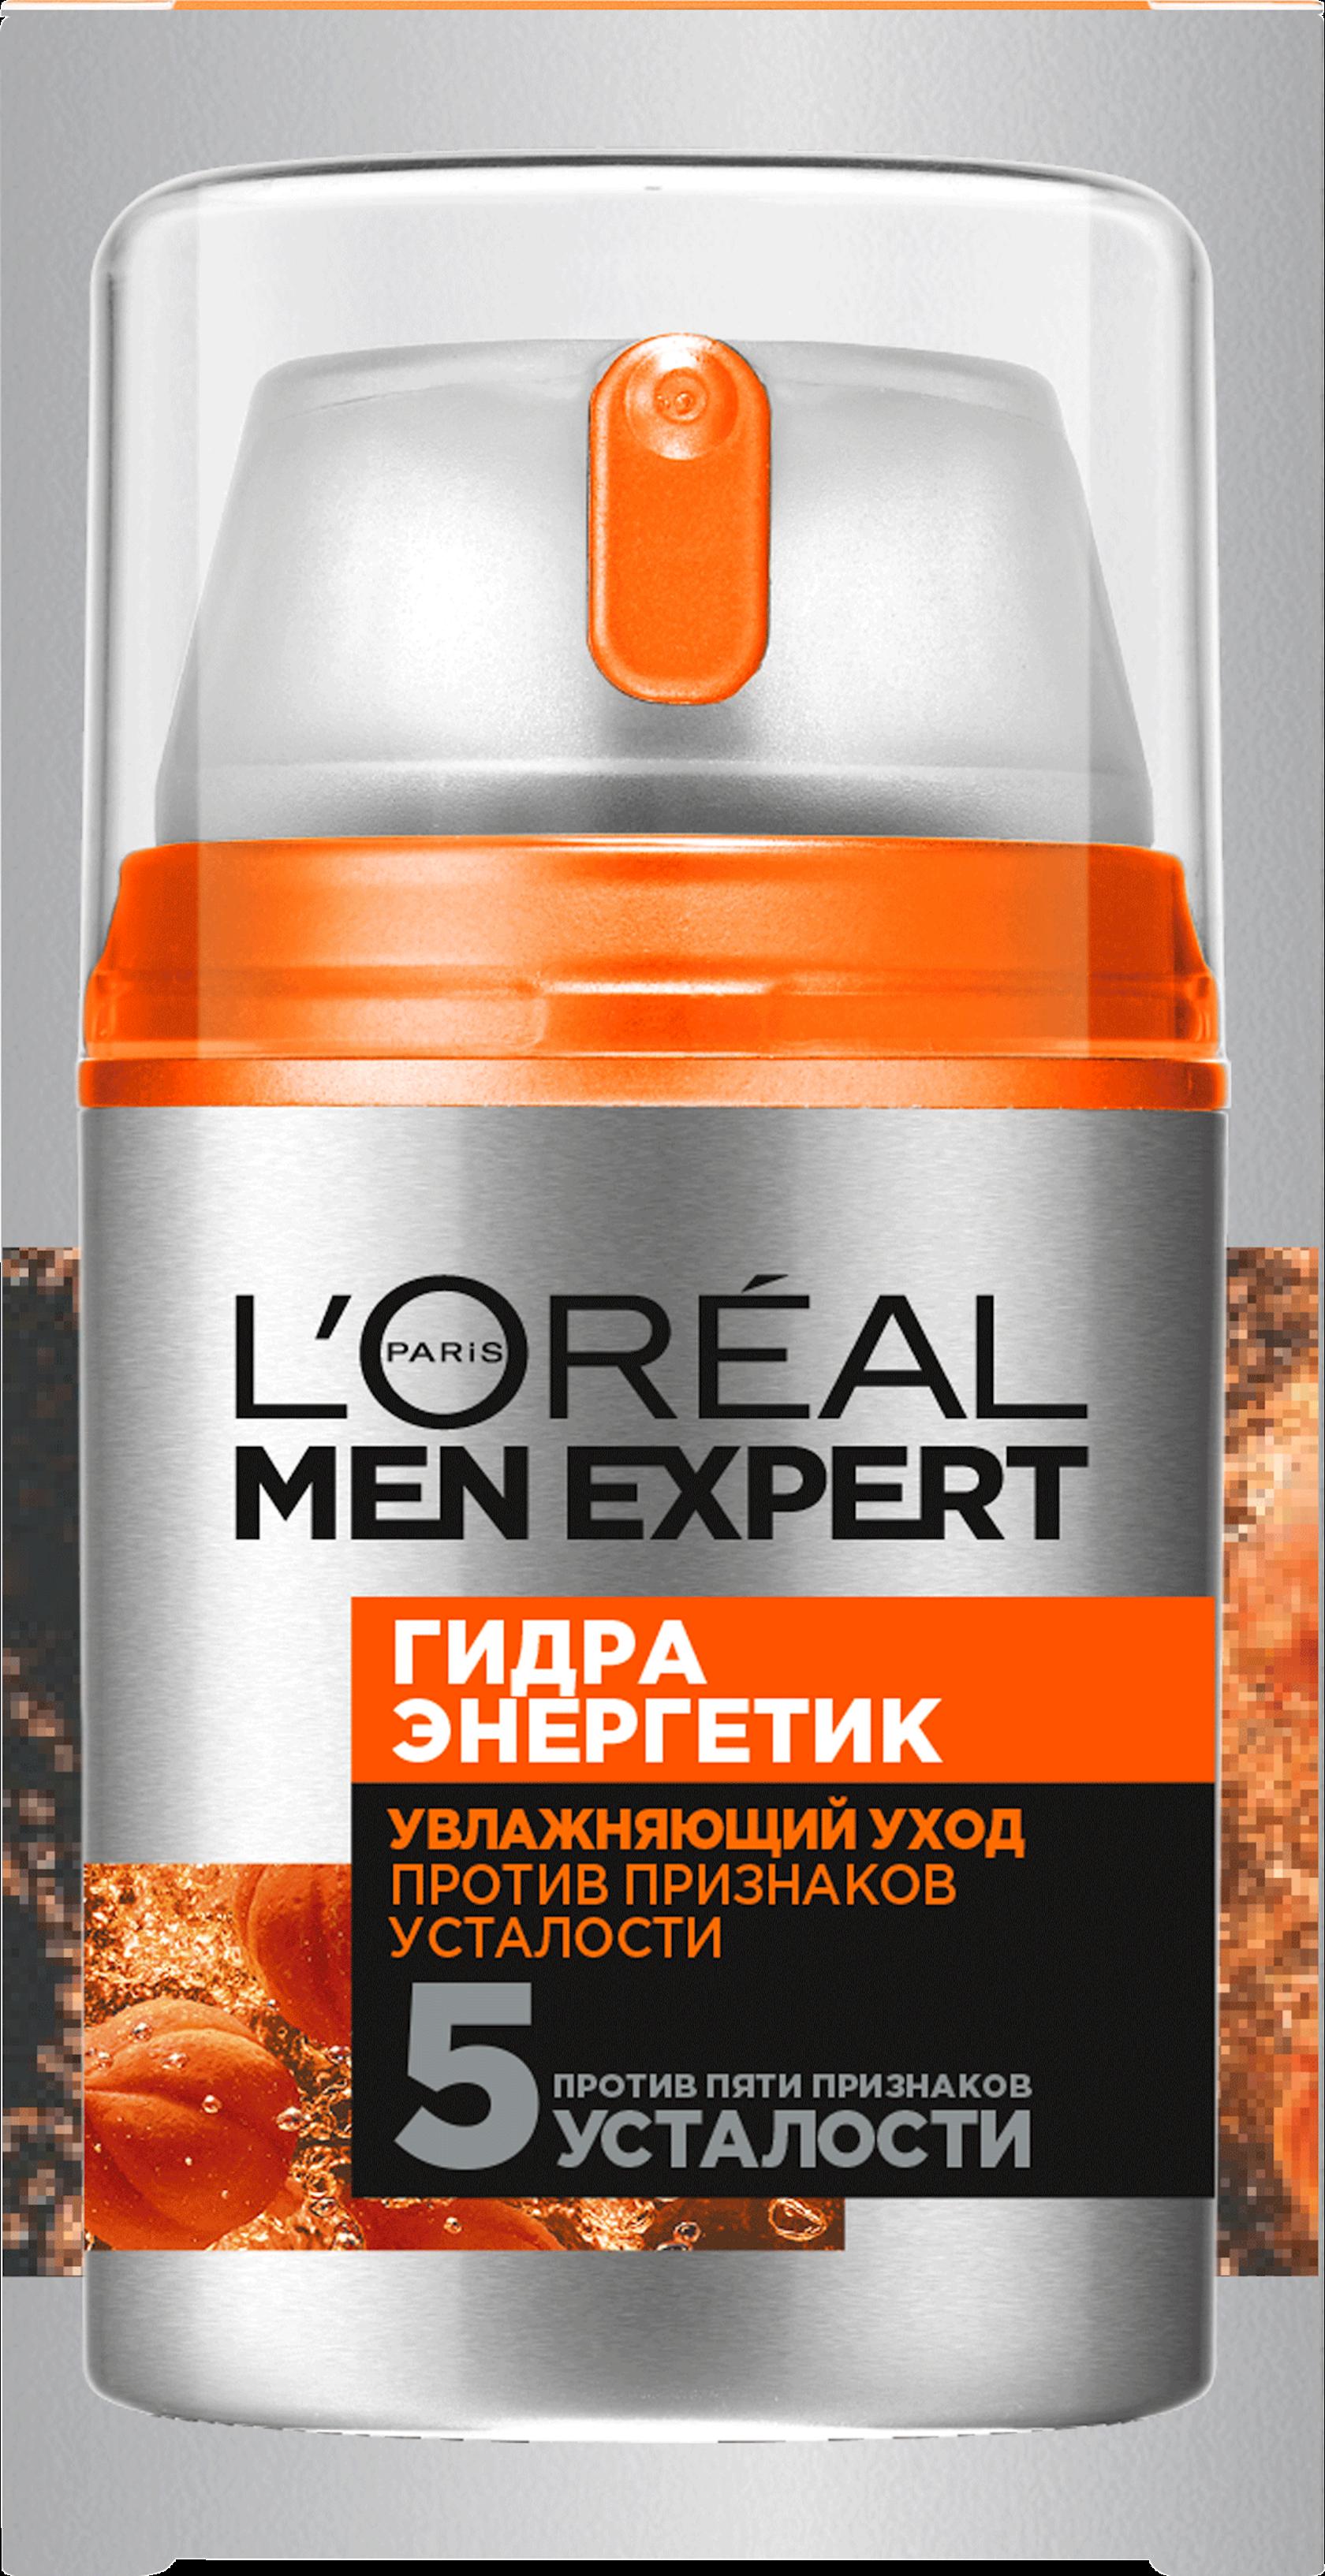 Krem L'Oreal Paris Men Expert Hydra Energetik nəmləndirici-  yorğunluq əlamətlərinə qarşı qulluq